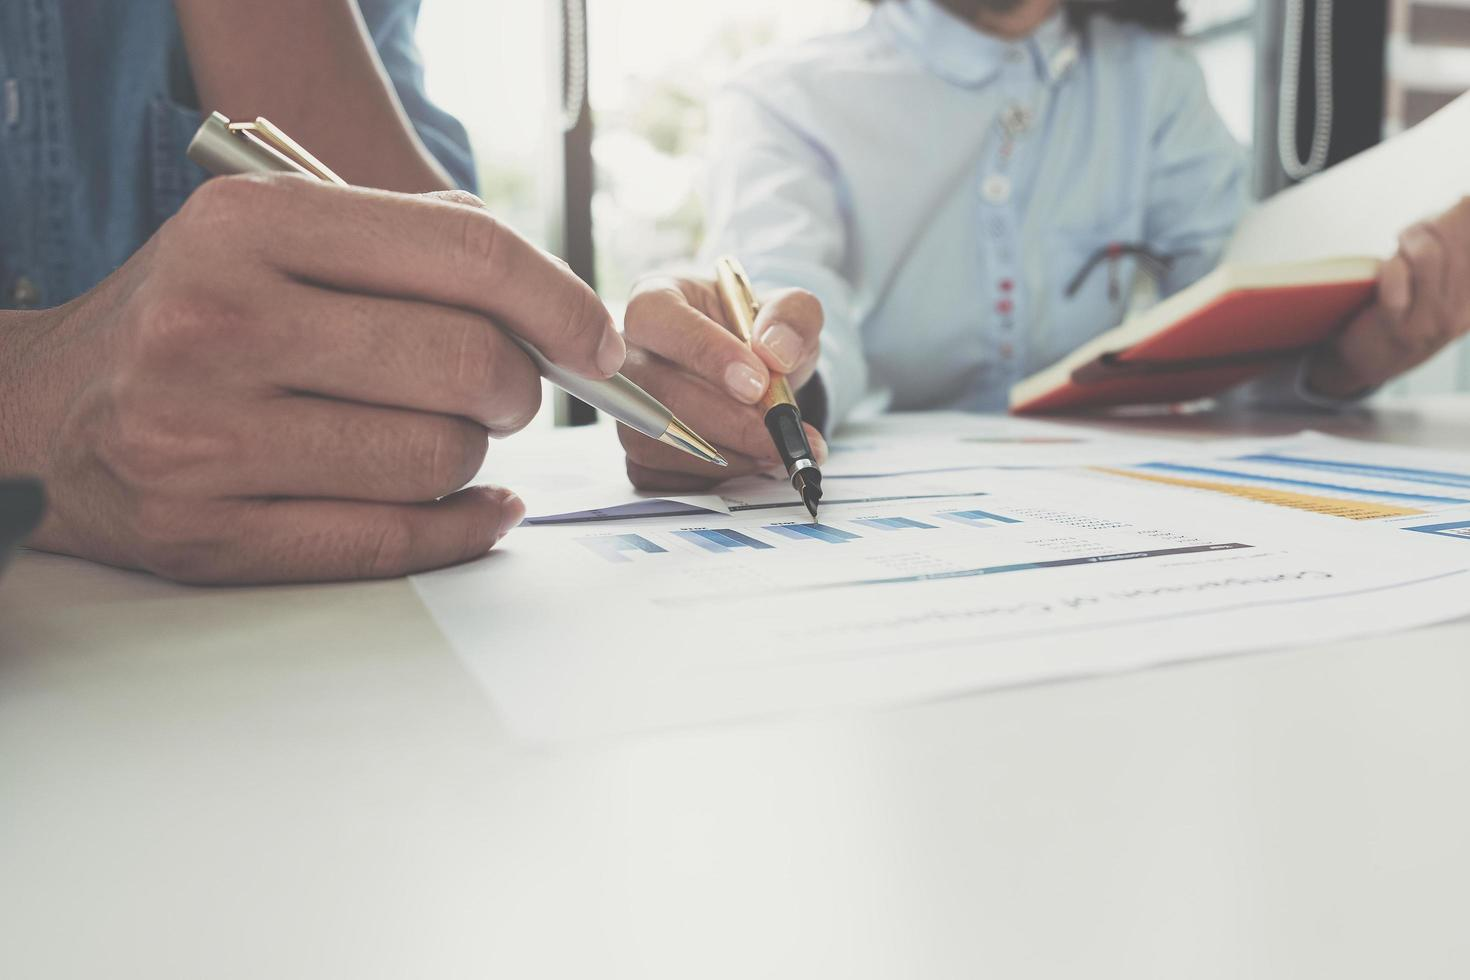 Unternehmensberater-Meeting zur Analyse und Diskussion des Plans foto